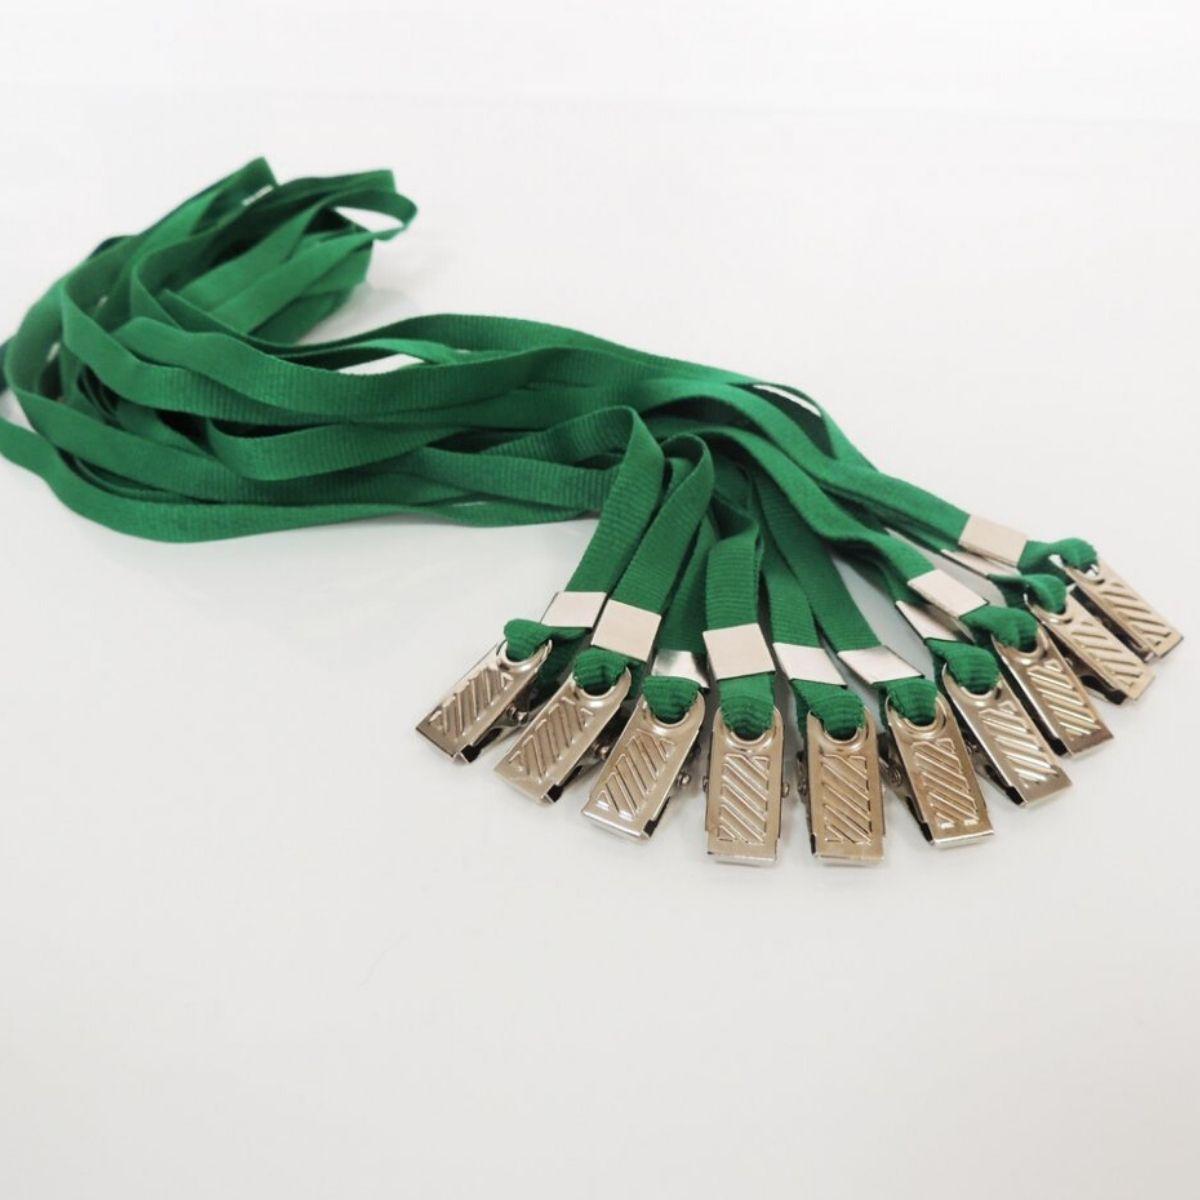 Cordão para Crachá com Presilha Clips Jacaré Verde - Pacote com 25 unidades  - Click Suprimentos